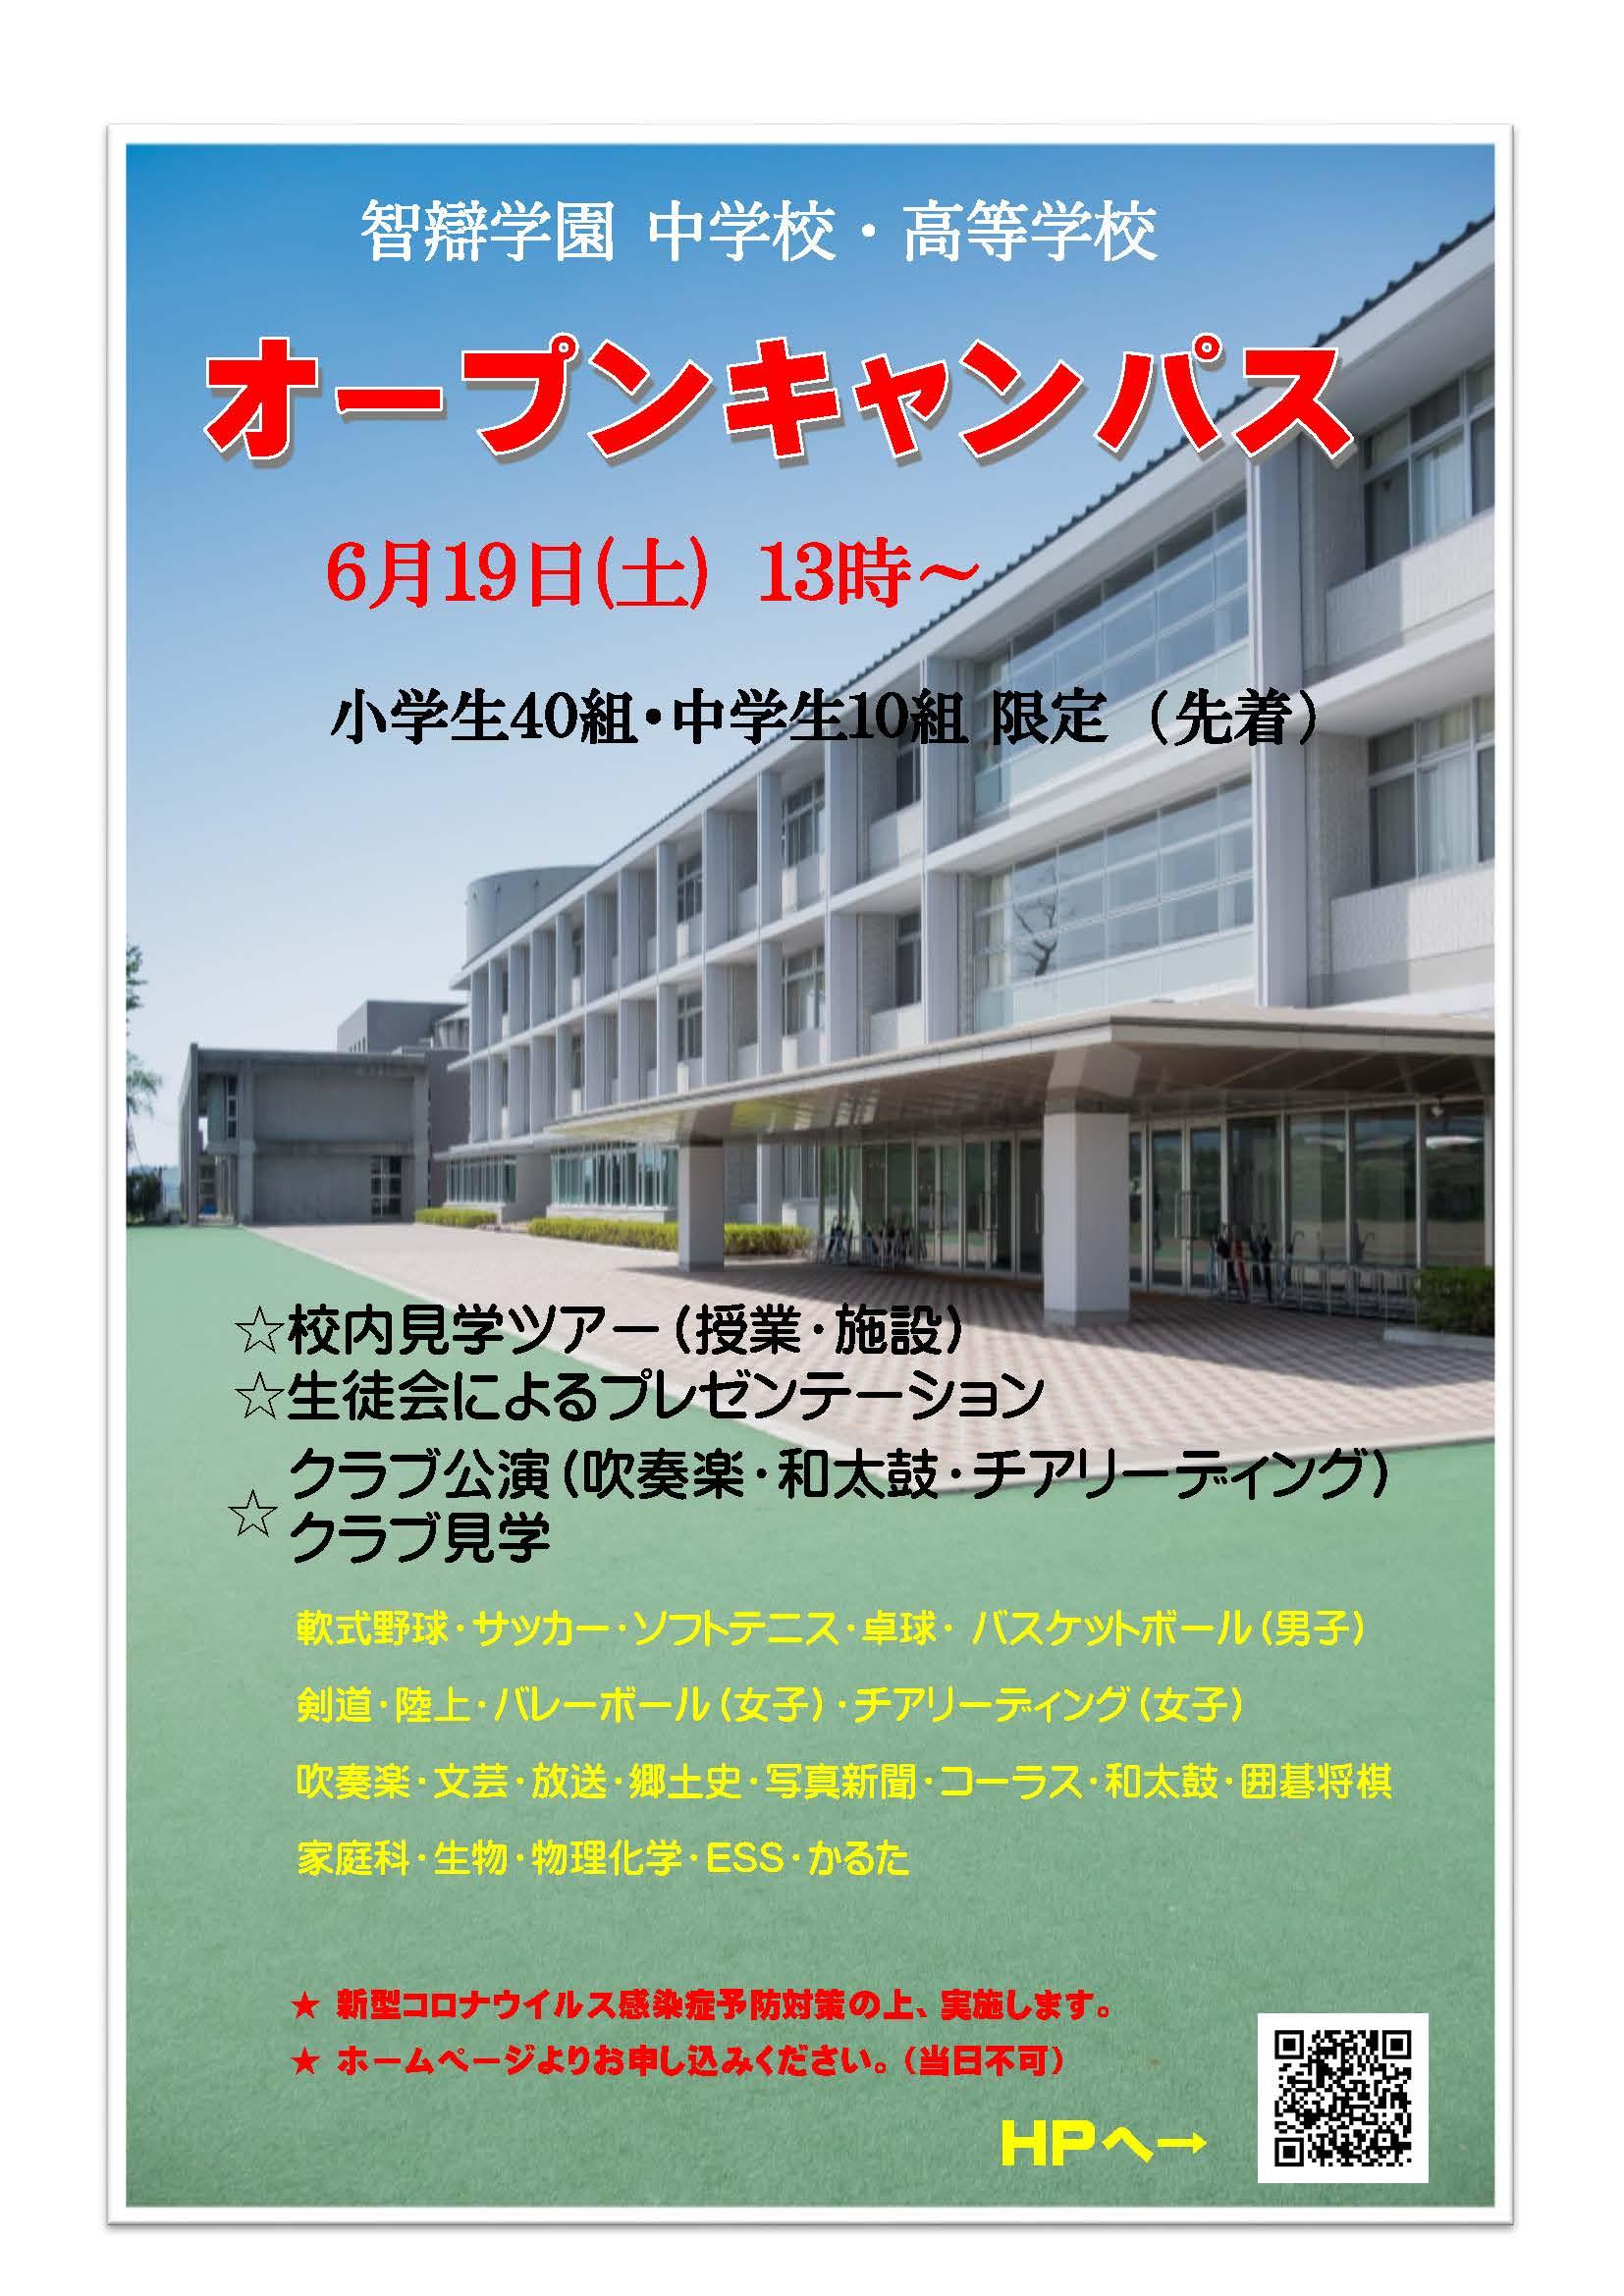 【中学・高校】「オープンキャンパス」6月19日(土)に開催します!